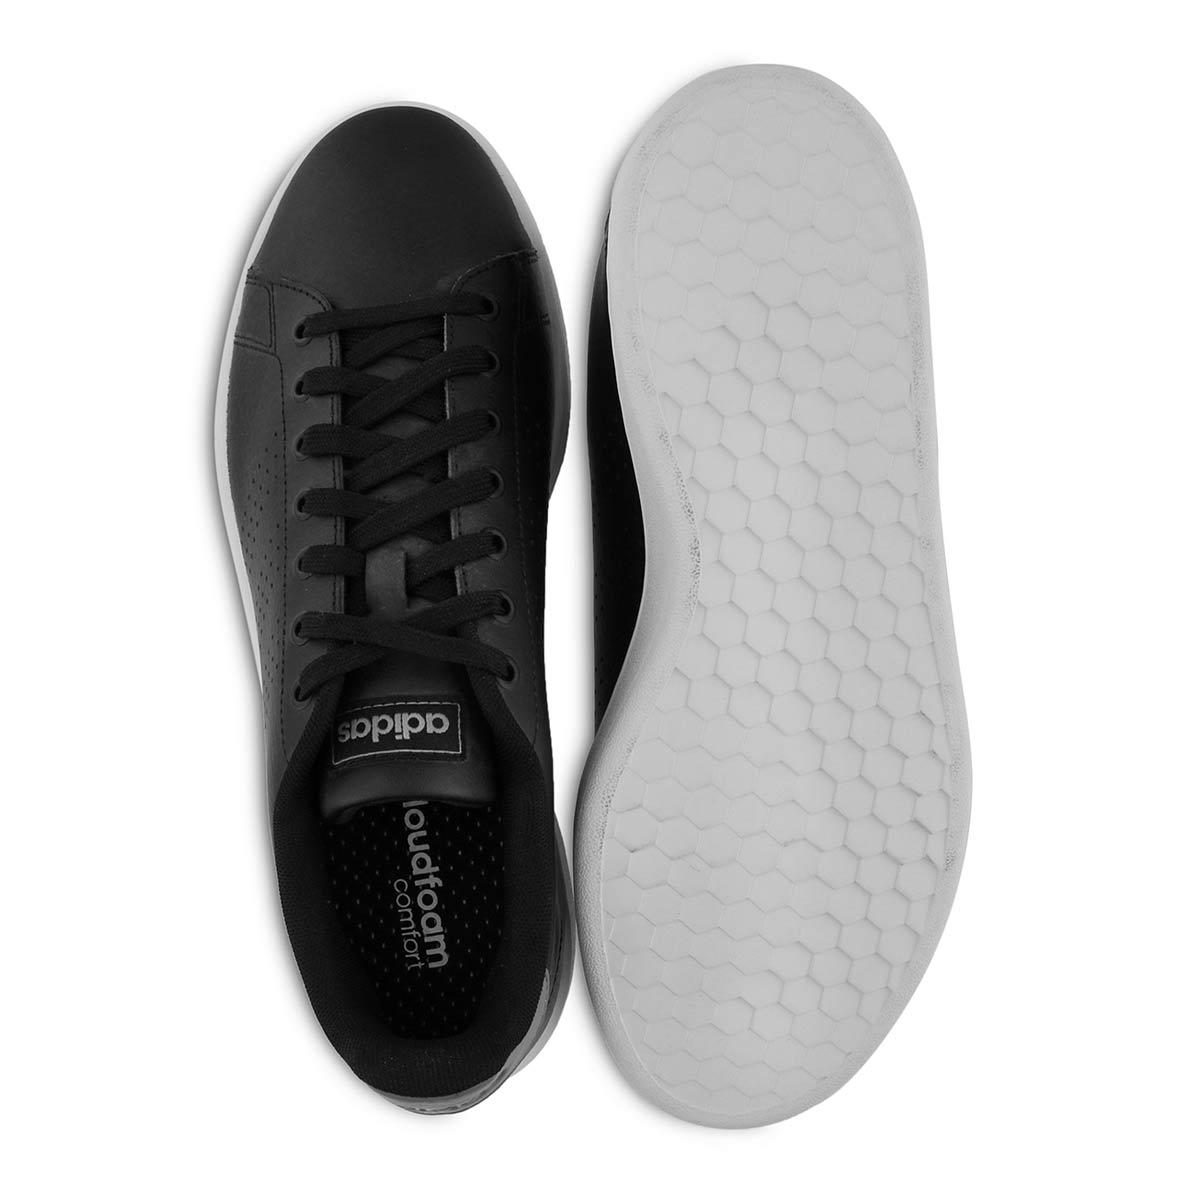 Mns Advantage blk/wht sneaker